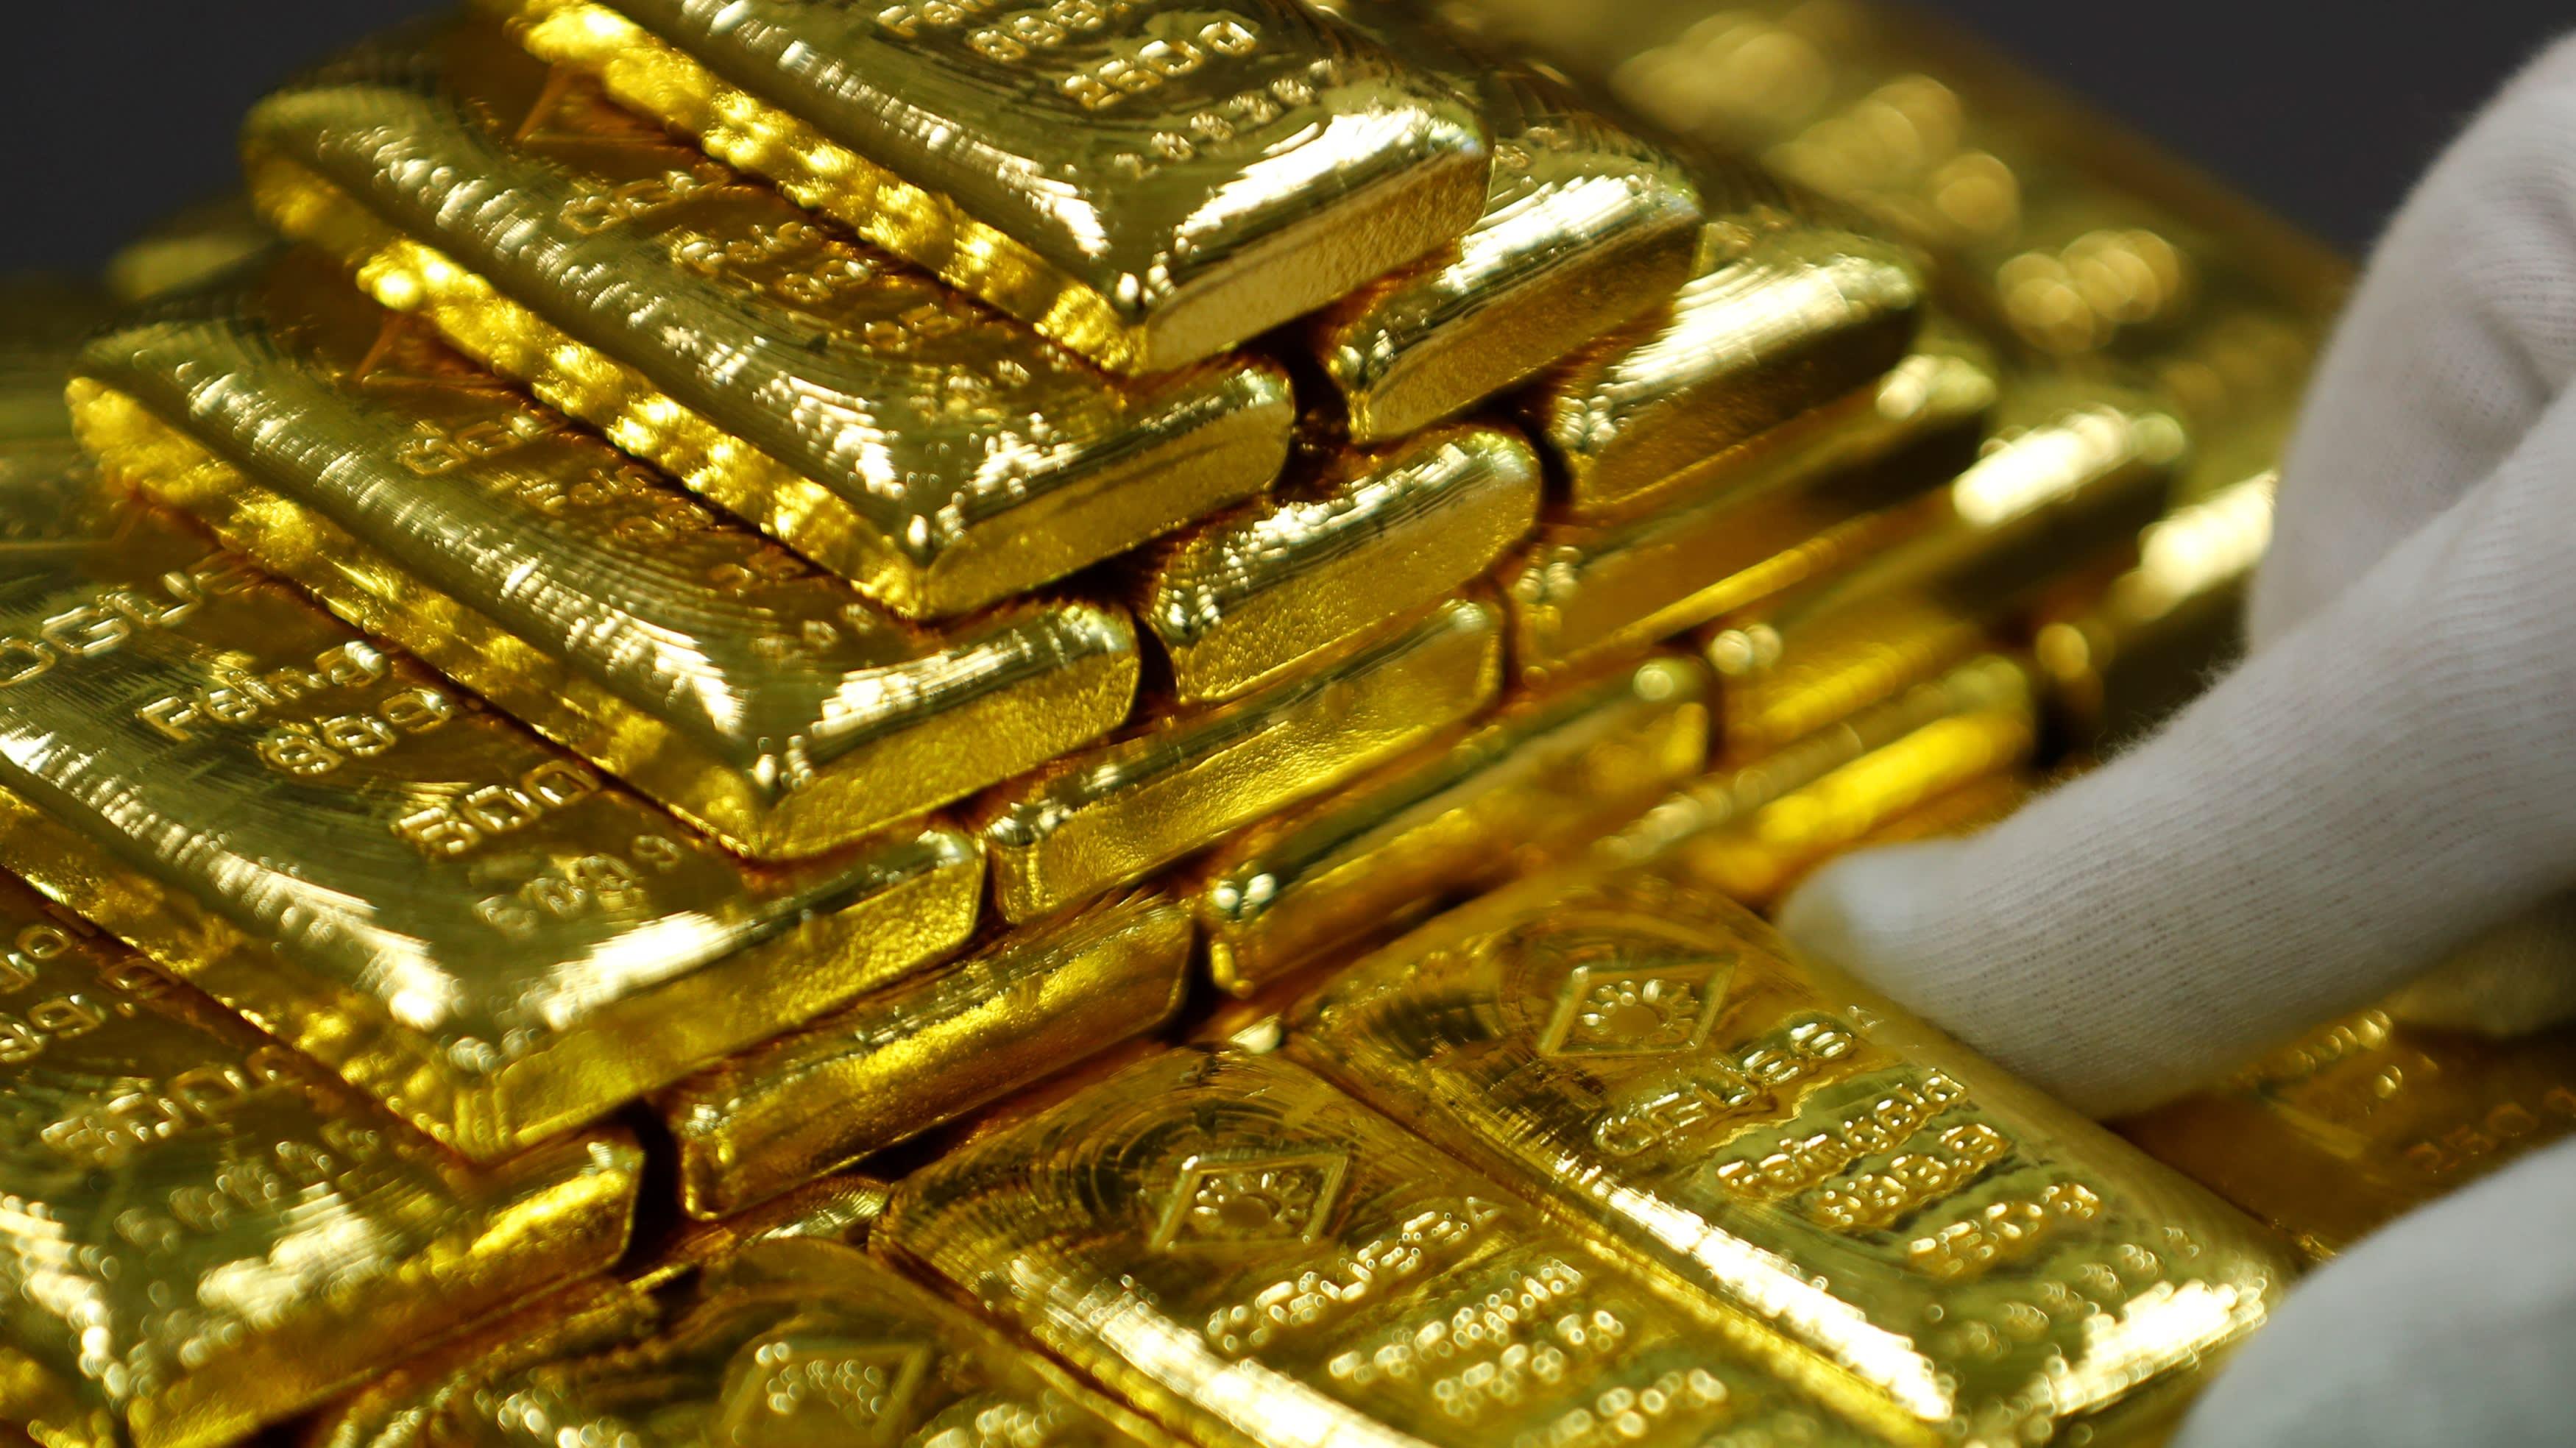 Bí ẩn các khoản vay 2 tỉ USD được đảm bảo bằng vàng giả tại Trung Quốc - Ảnh 1.